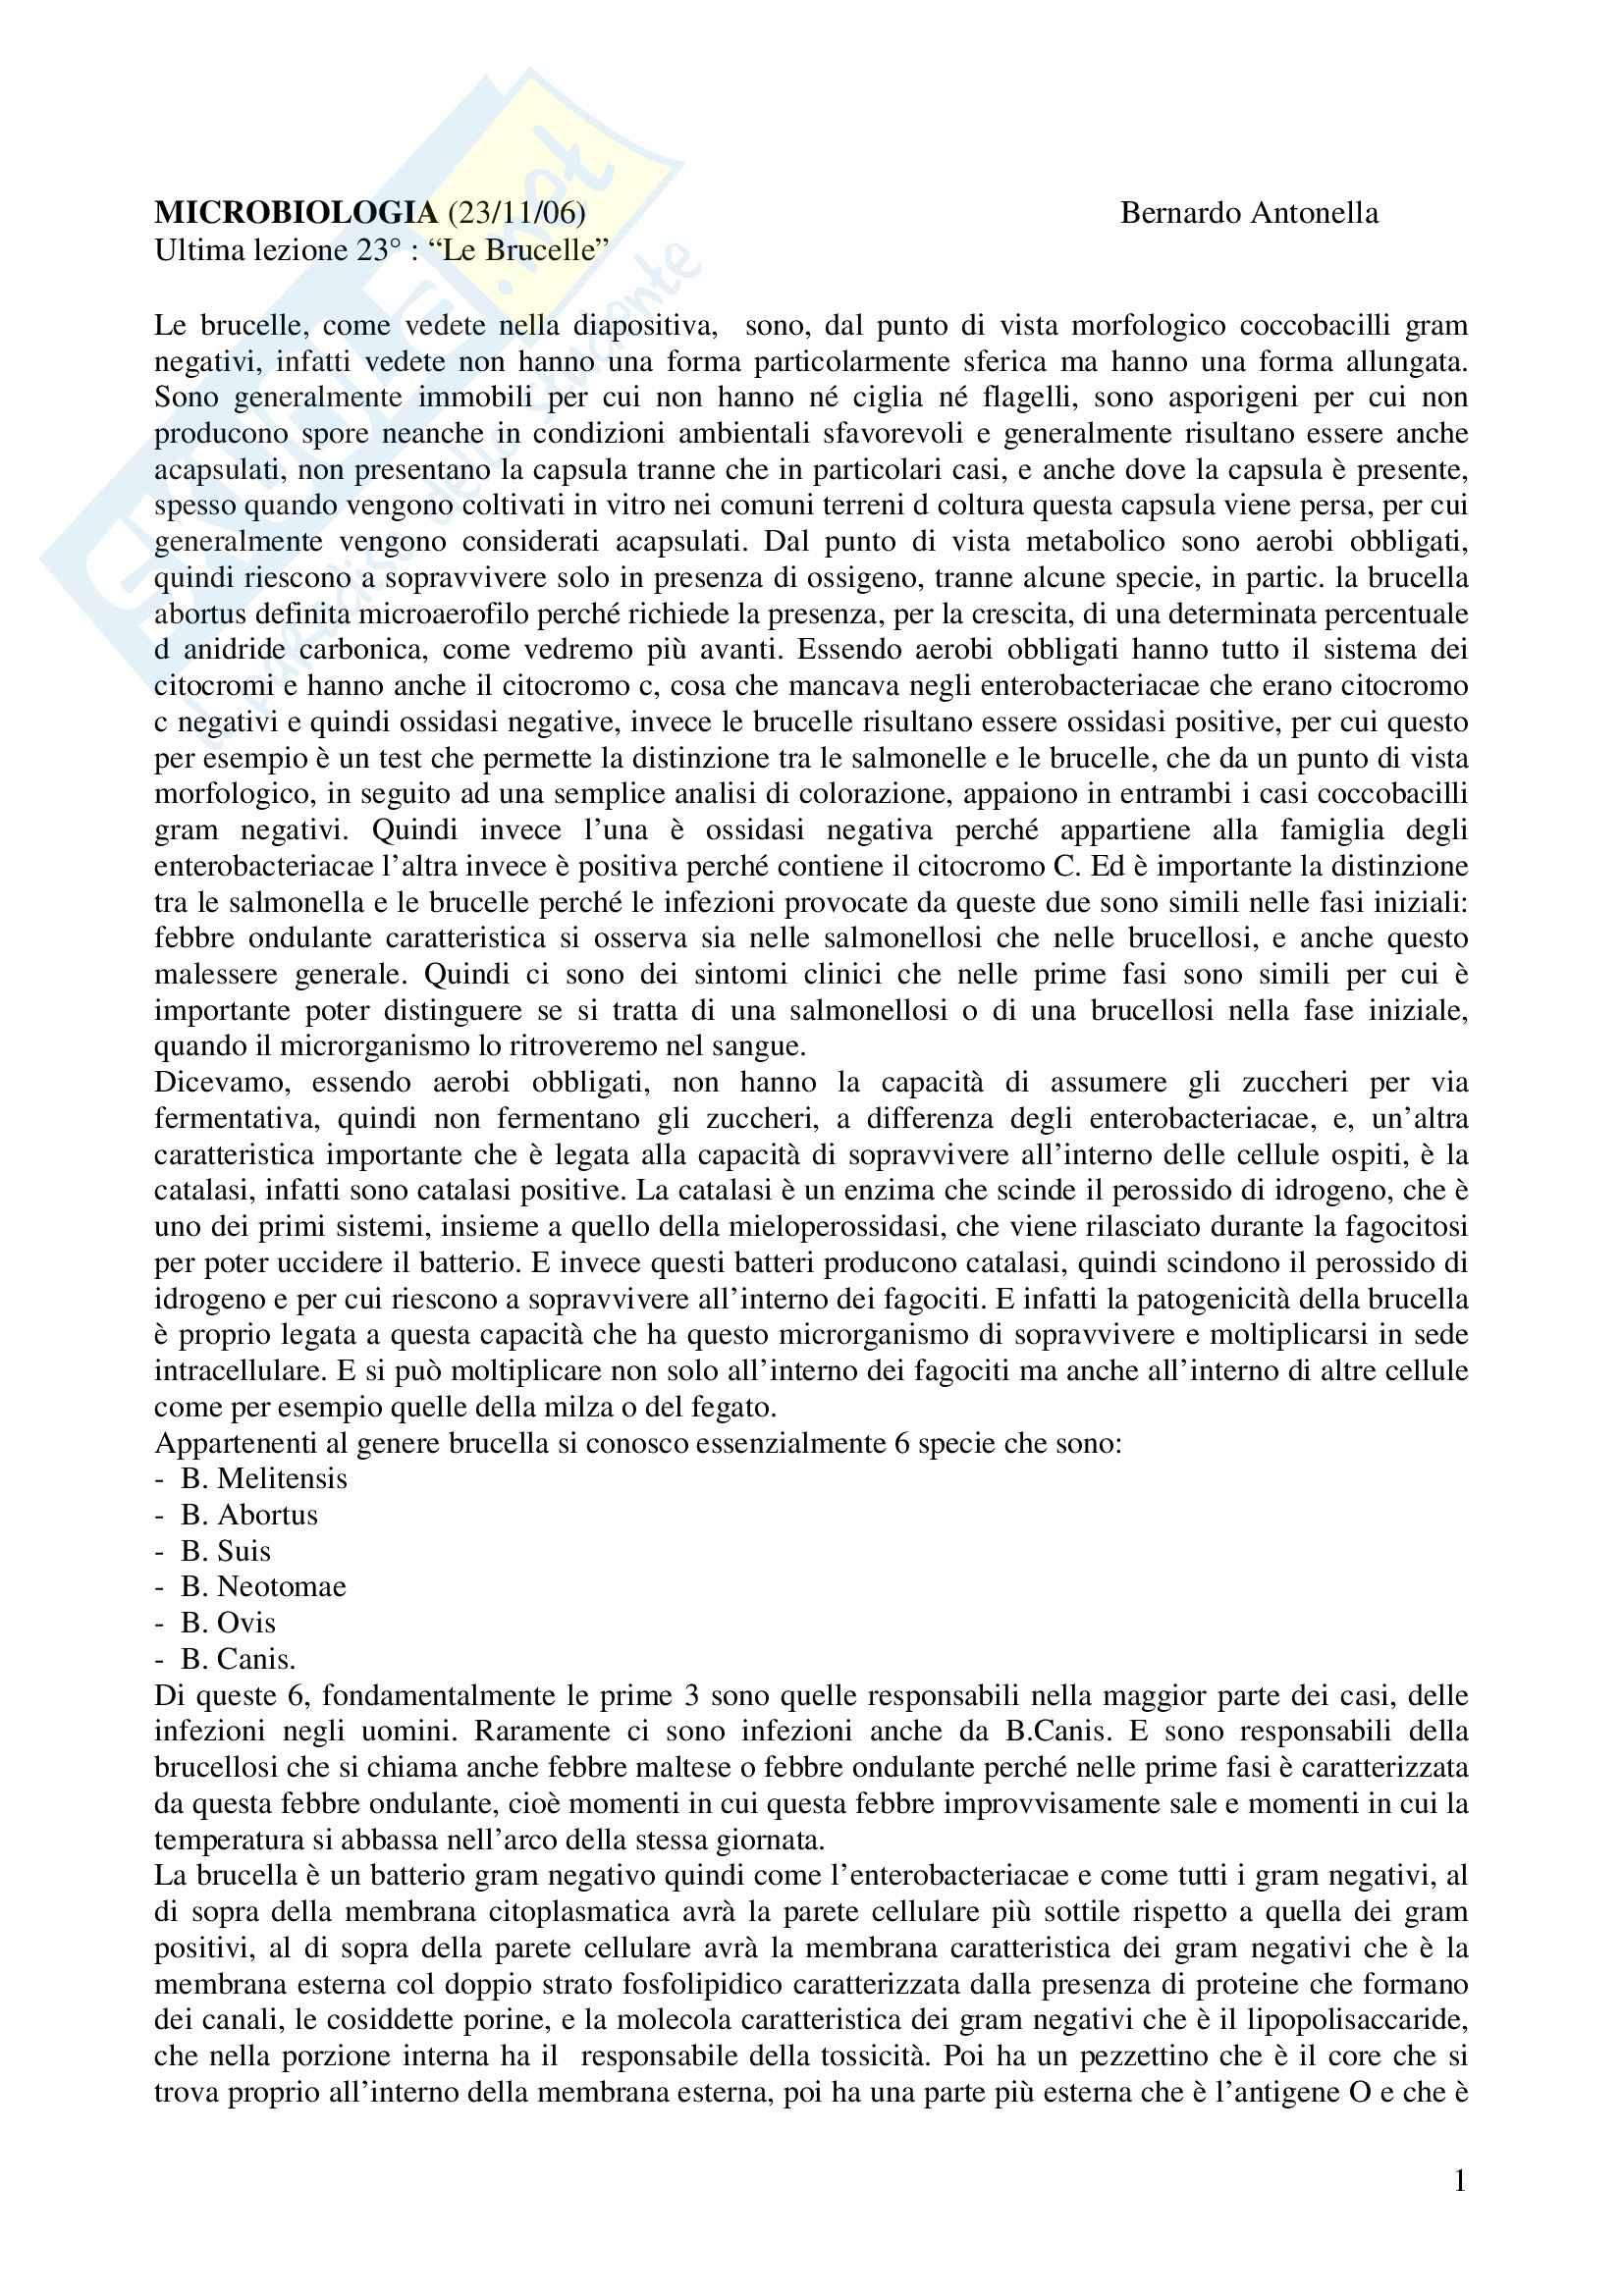 Microbiologia - brucella